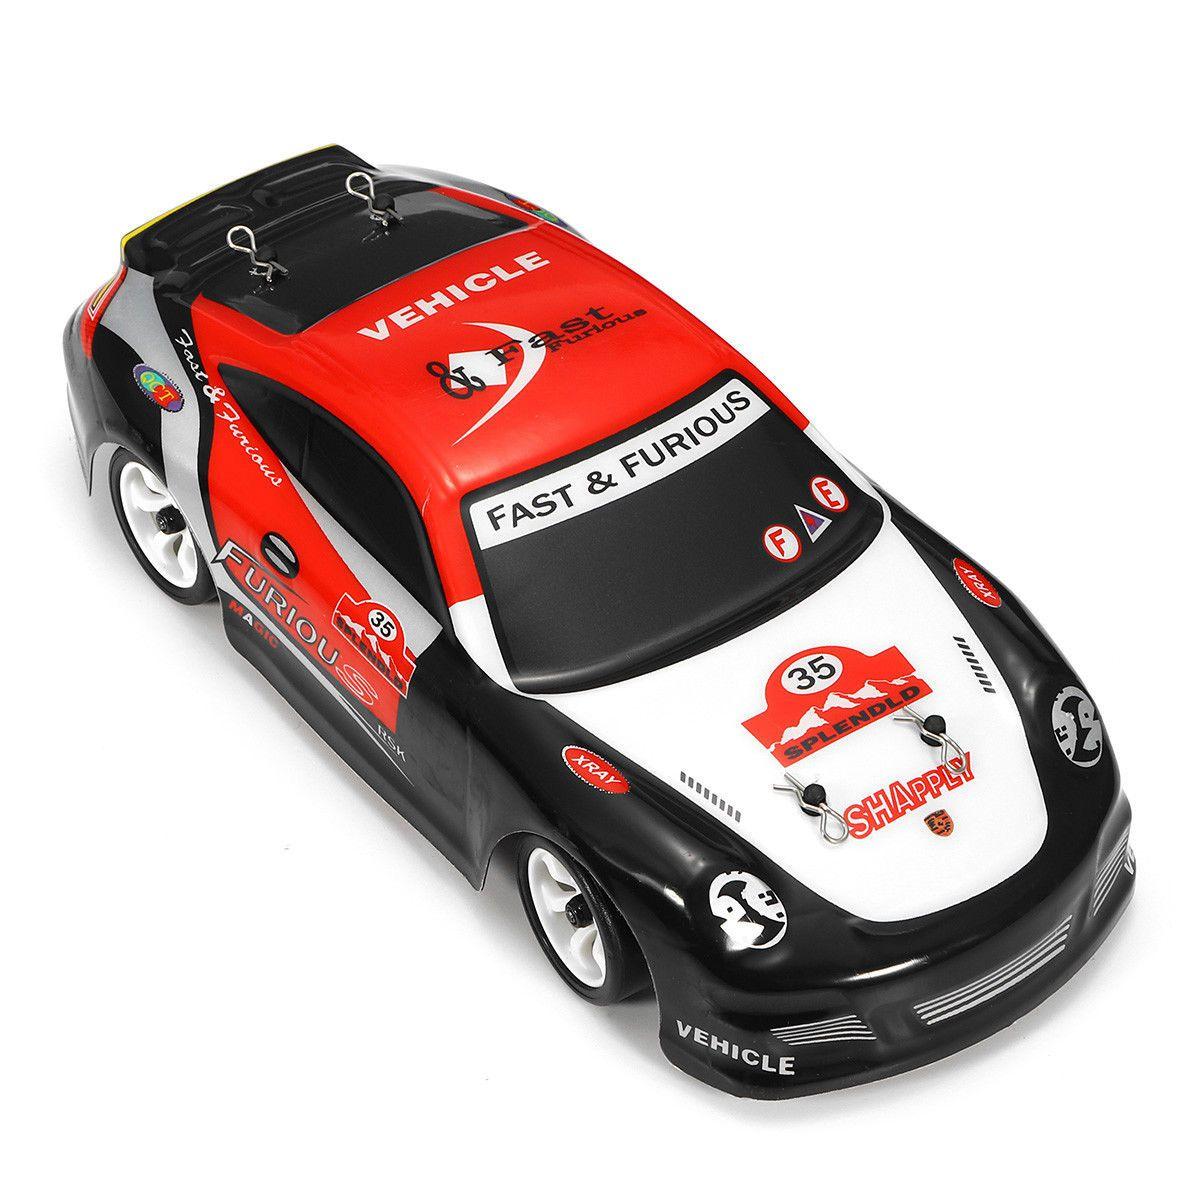 K969 1/28 2.4G 4WD brossé RC voiture haute vitesse dérive voiture jouet pour enfants, prise EU